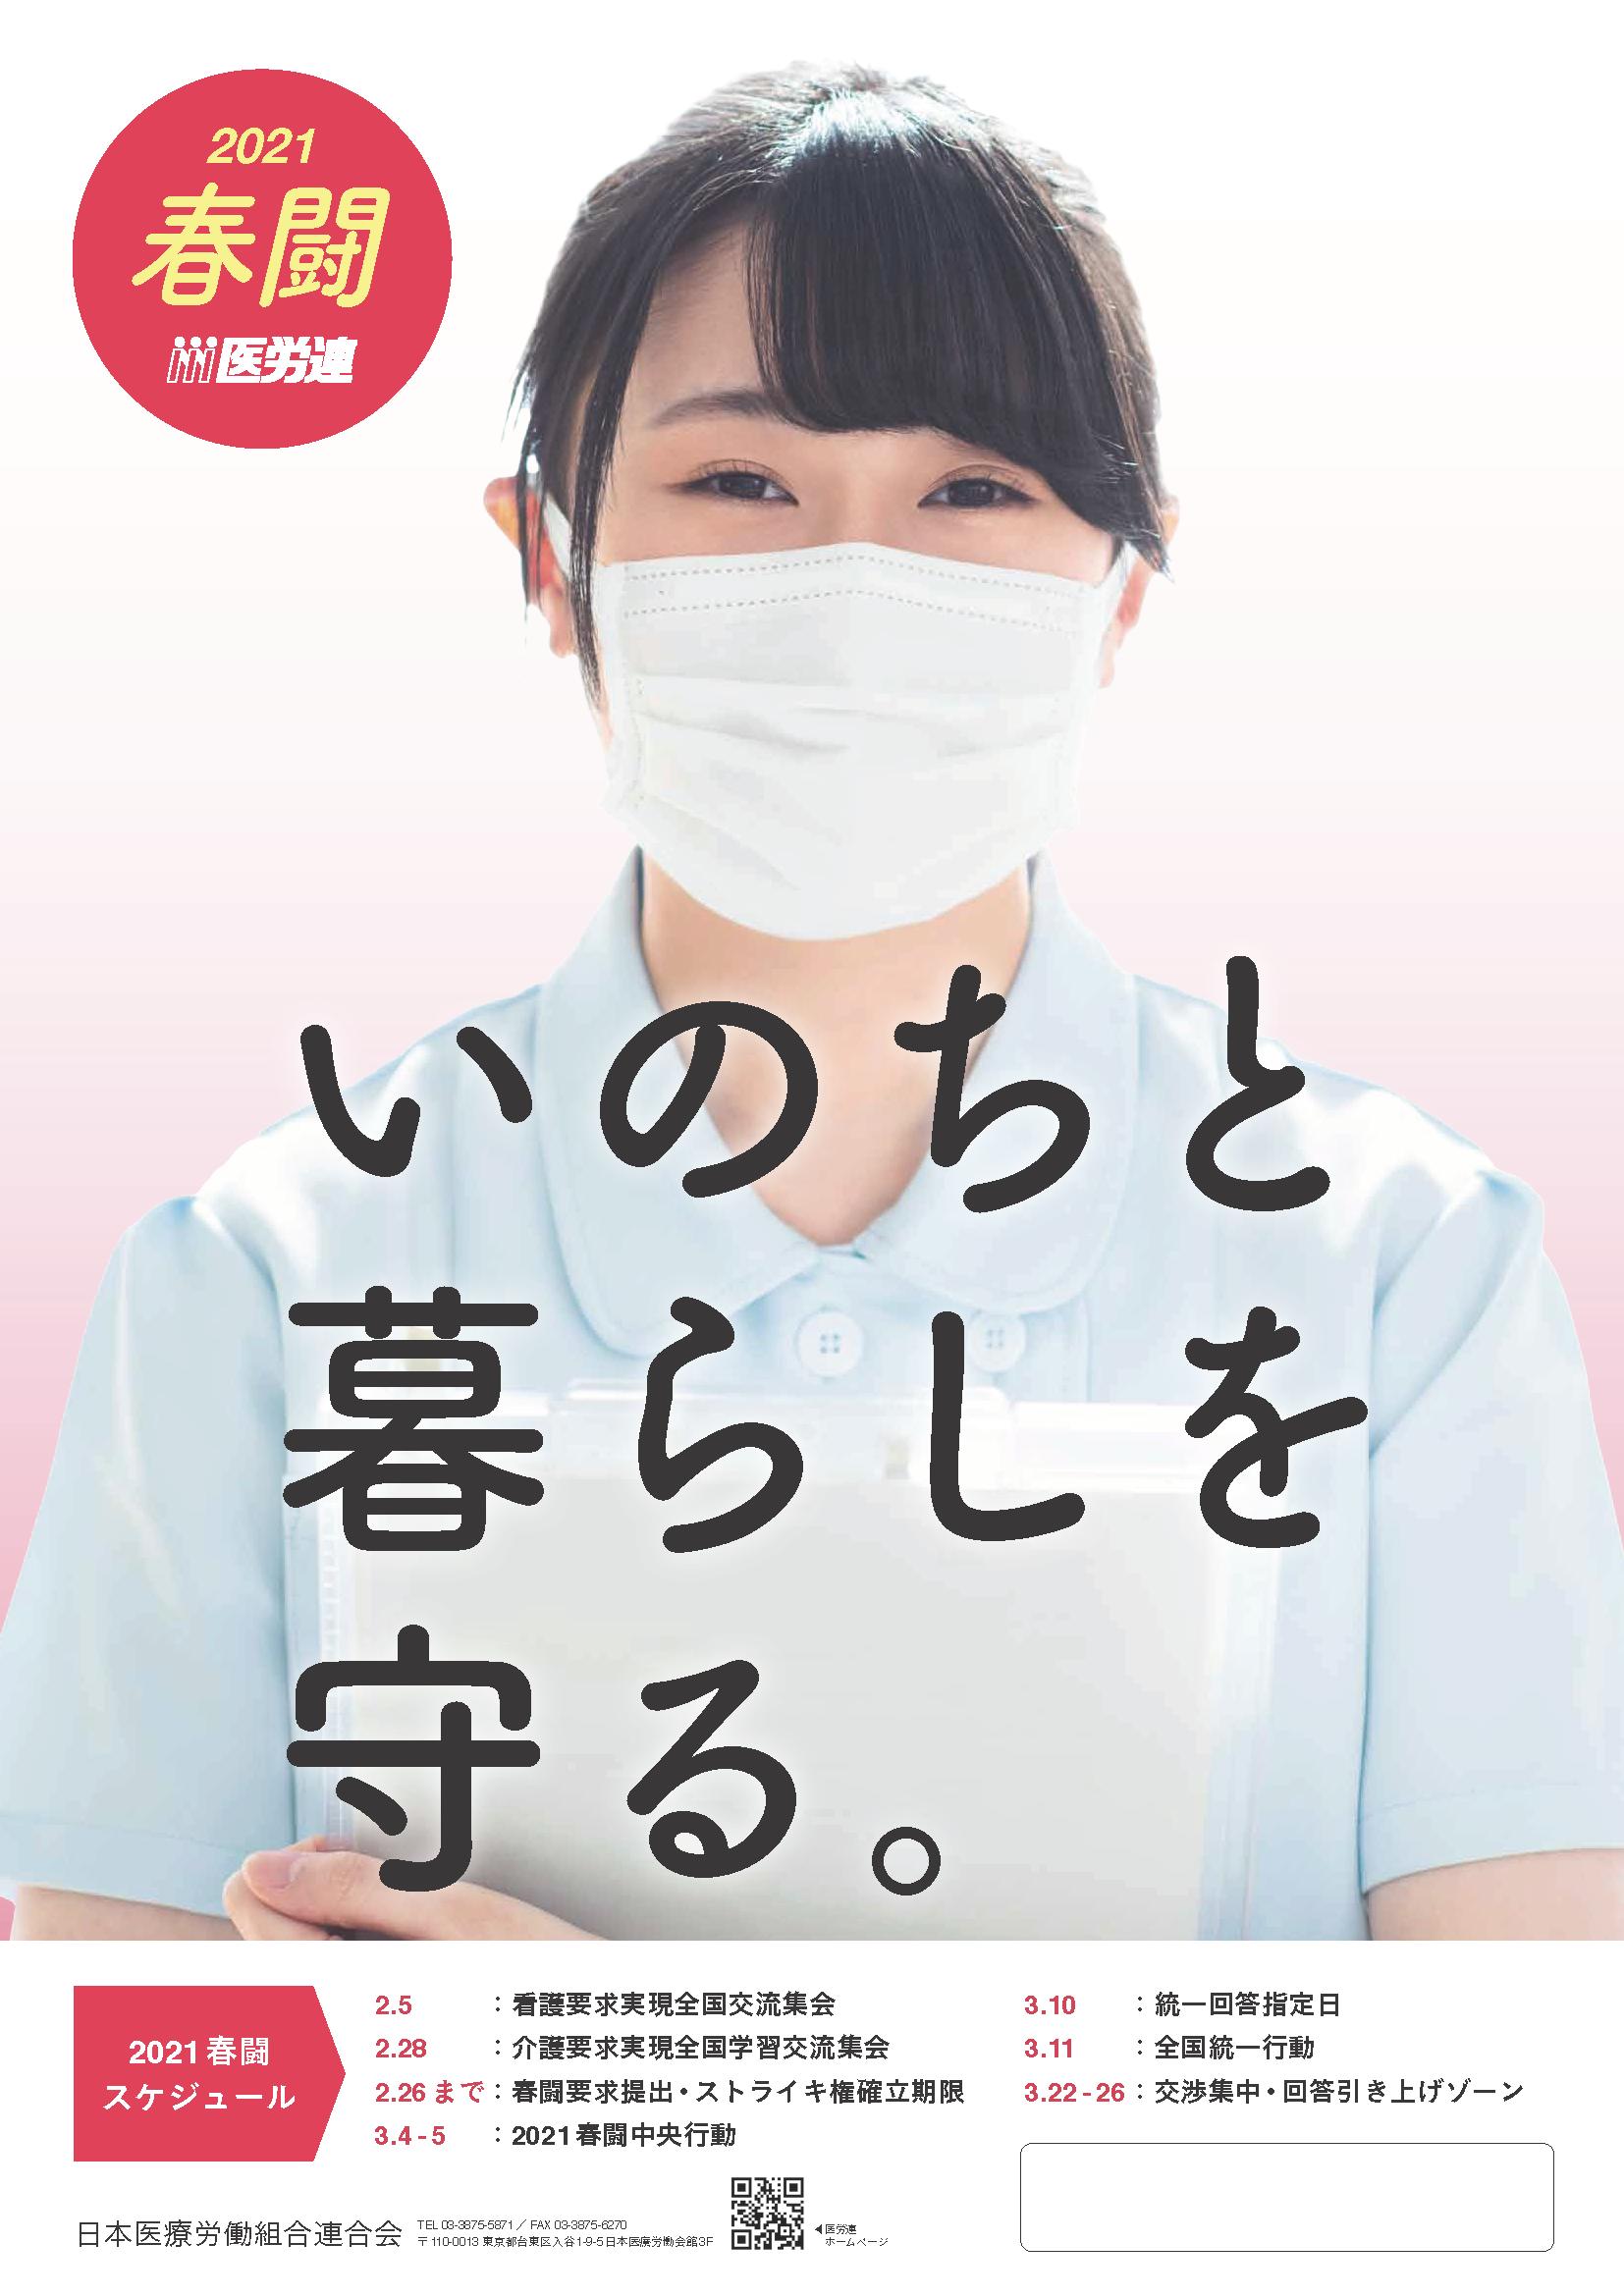 2021春闘ポスターweb【確定】.png